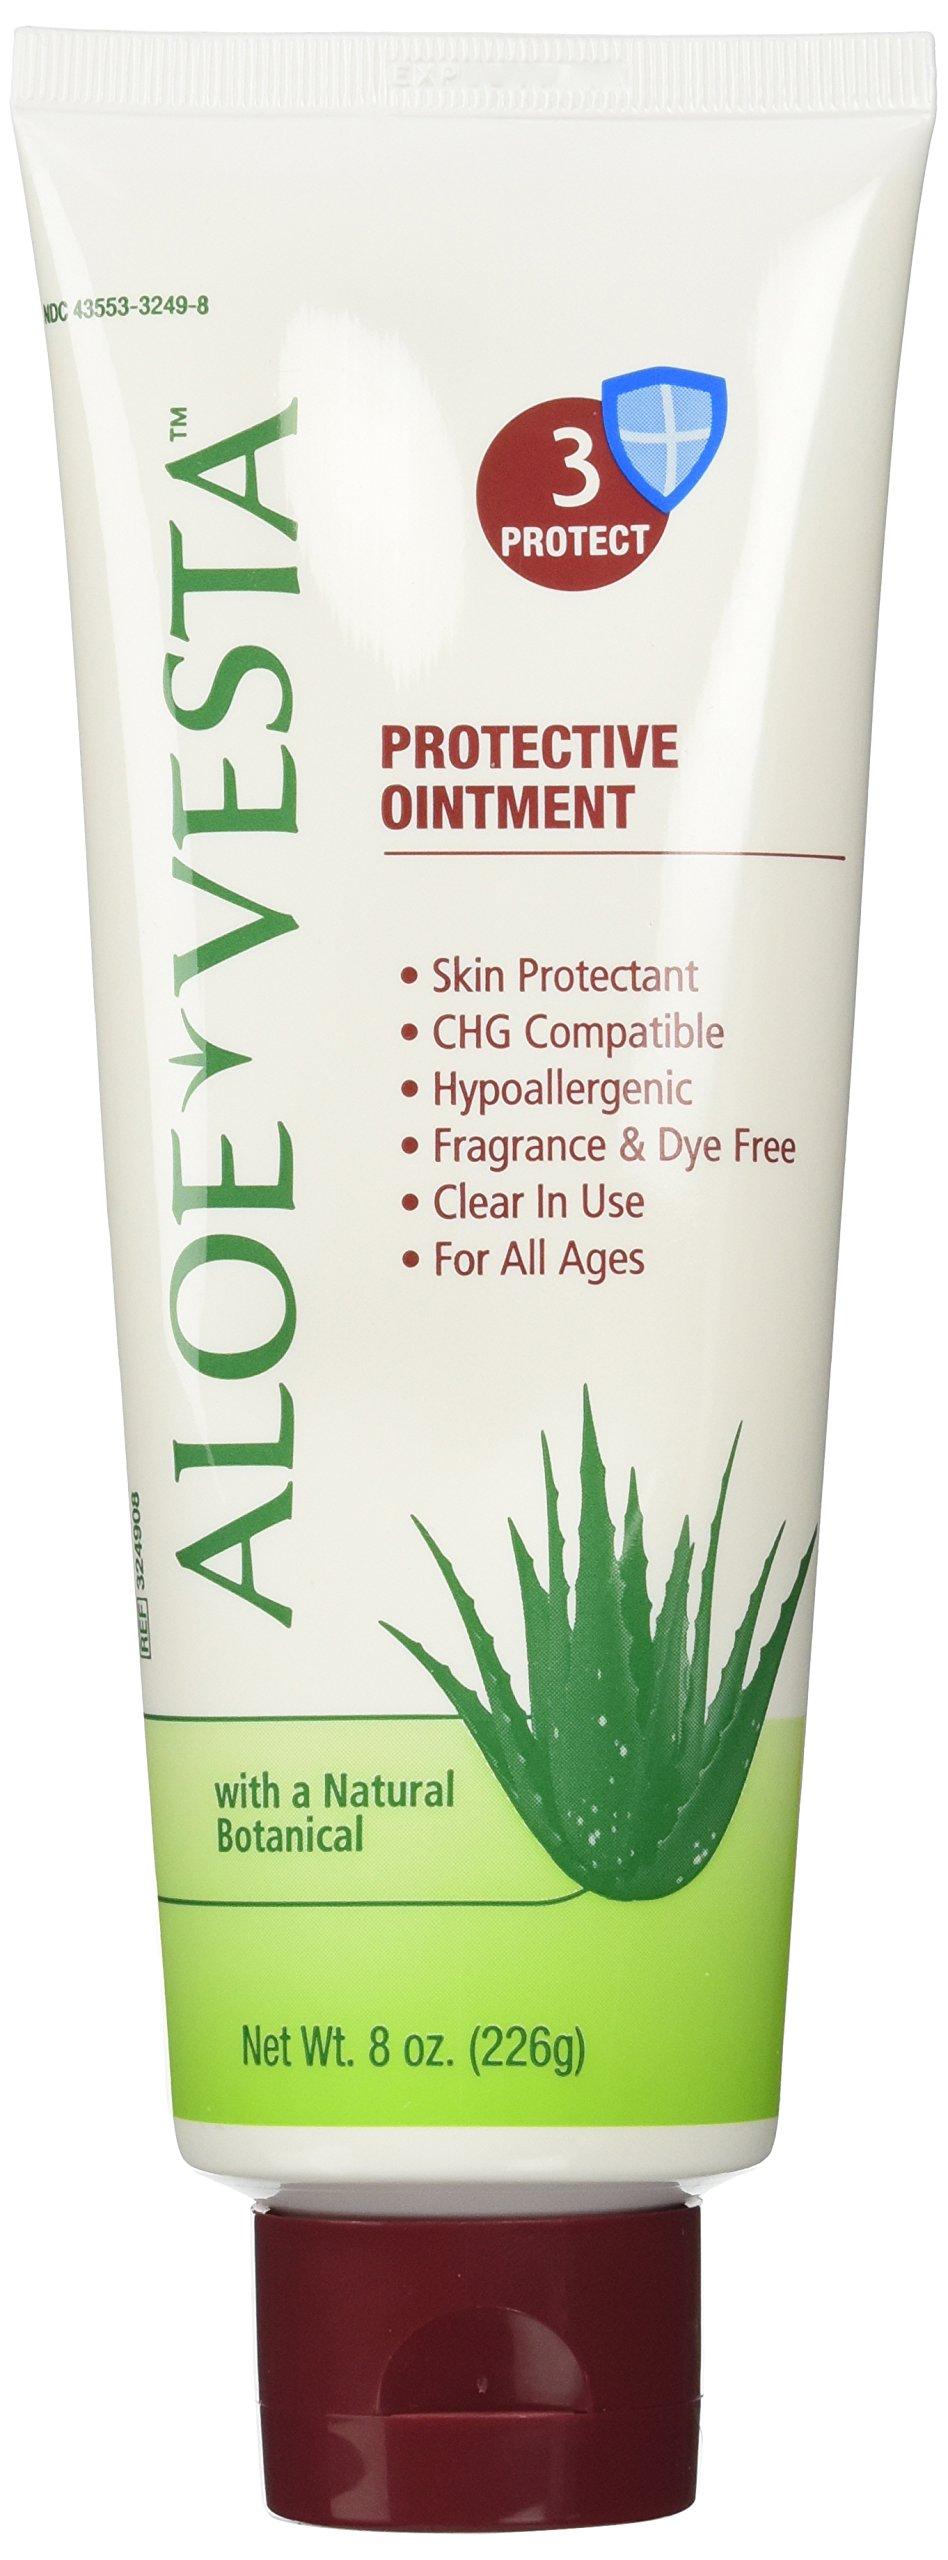 ConvaTec Aloe Vesta Skin Protection 3 Ointment (8 oz.) by ConvaTec